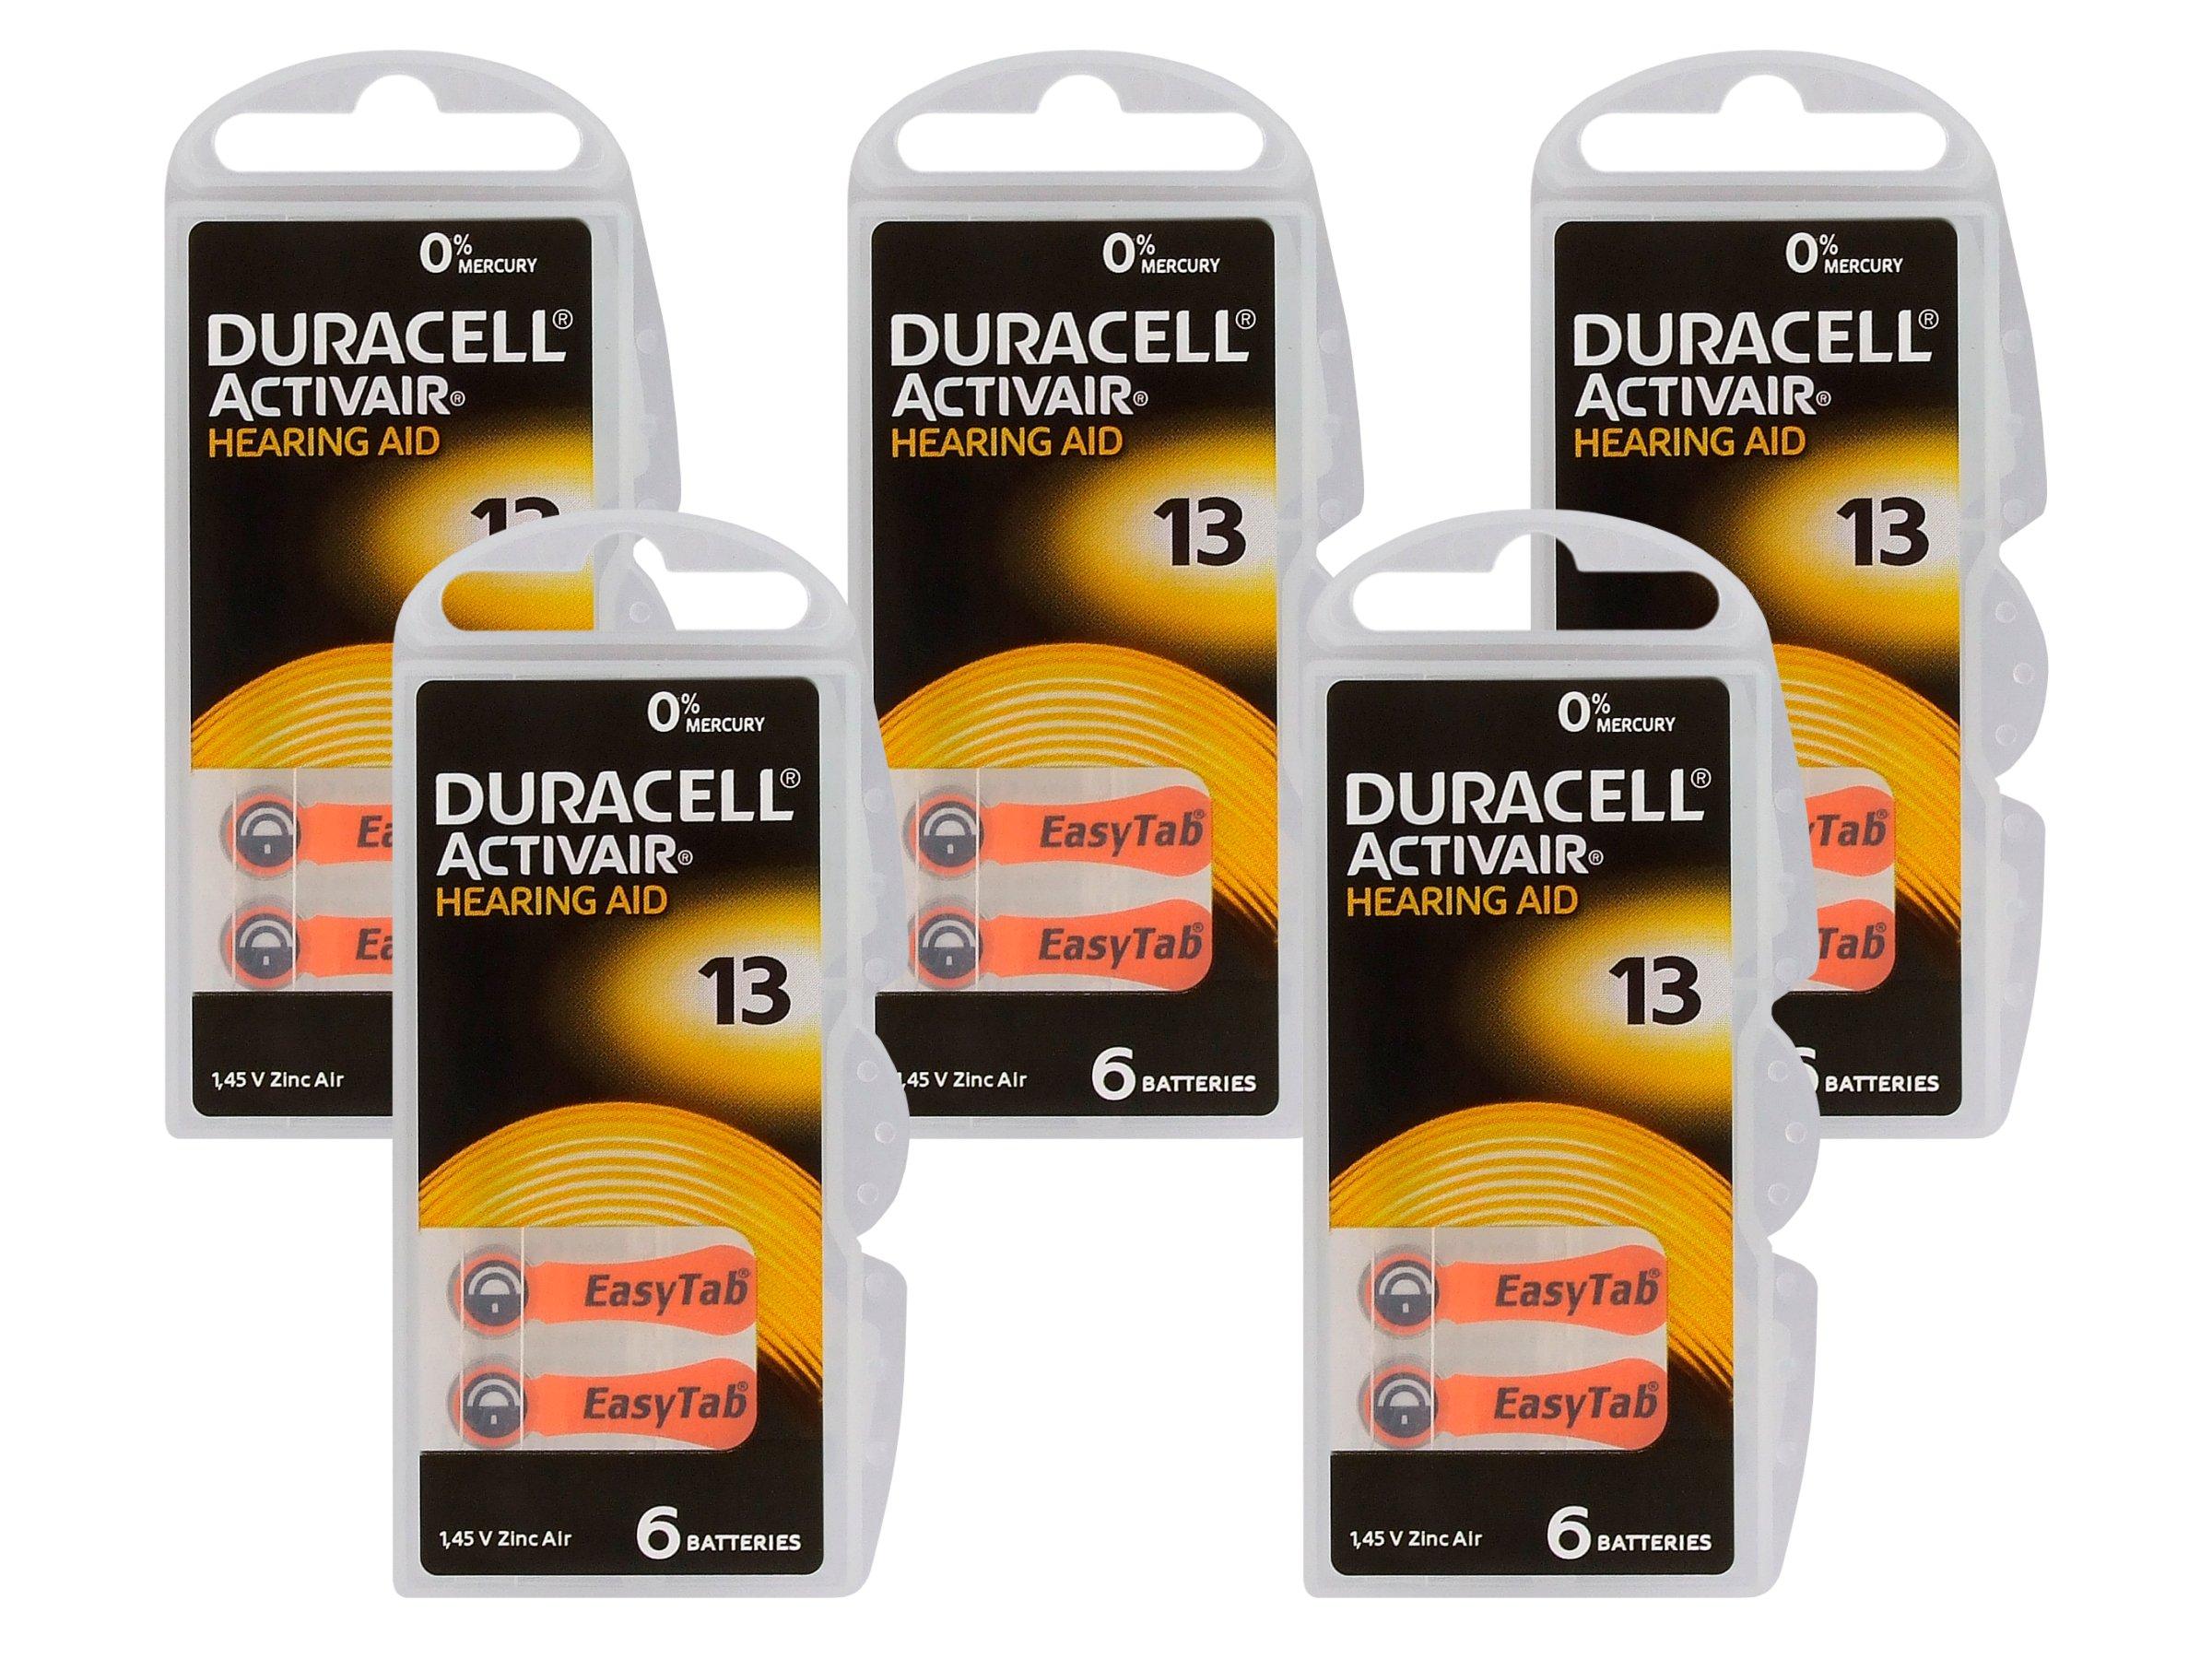 30 x Baterie słuchowe 13 PR48 Duracell ActivAir